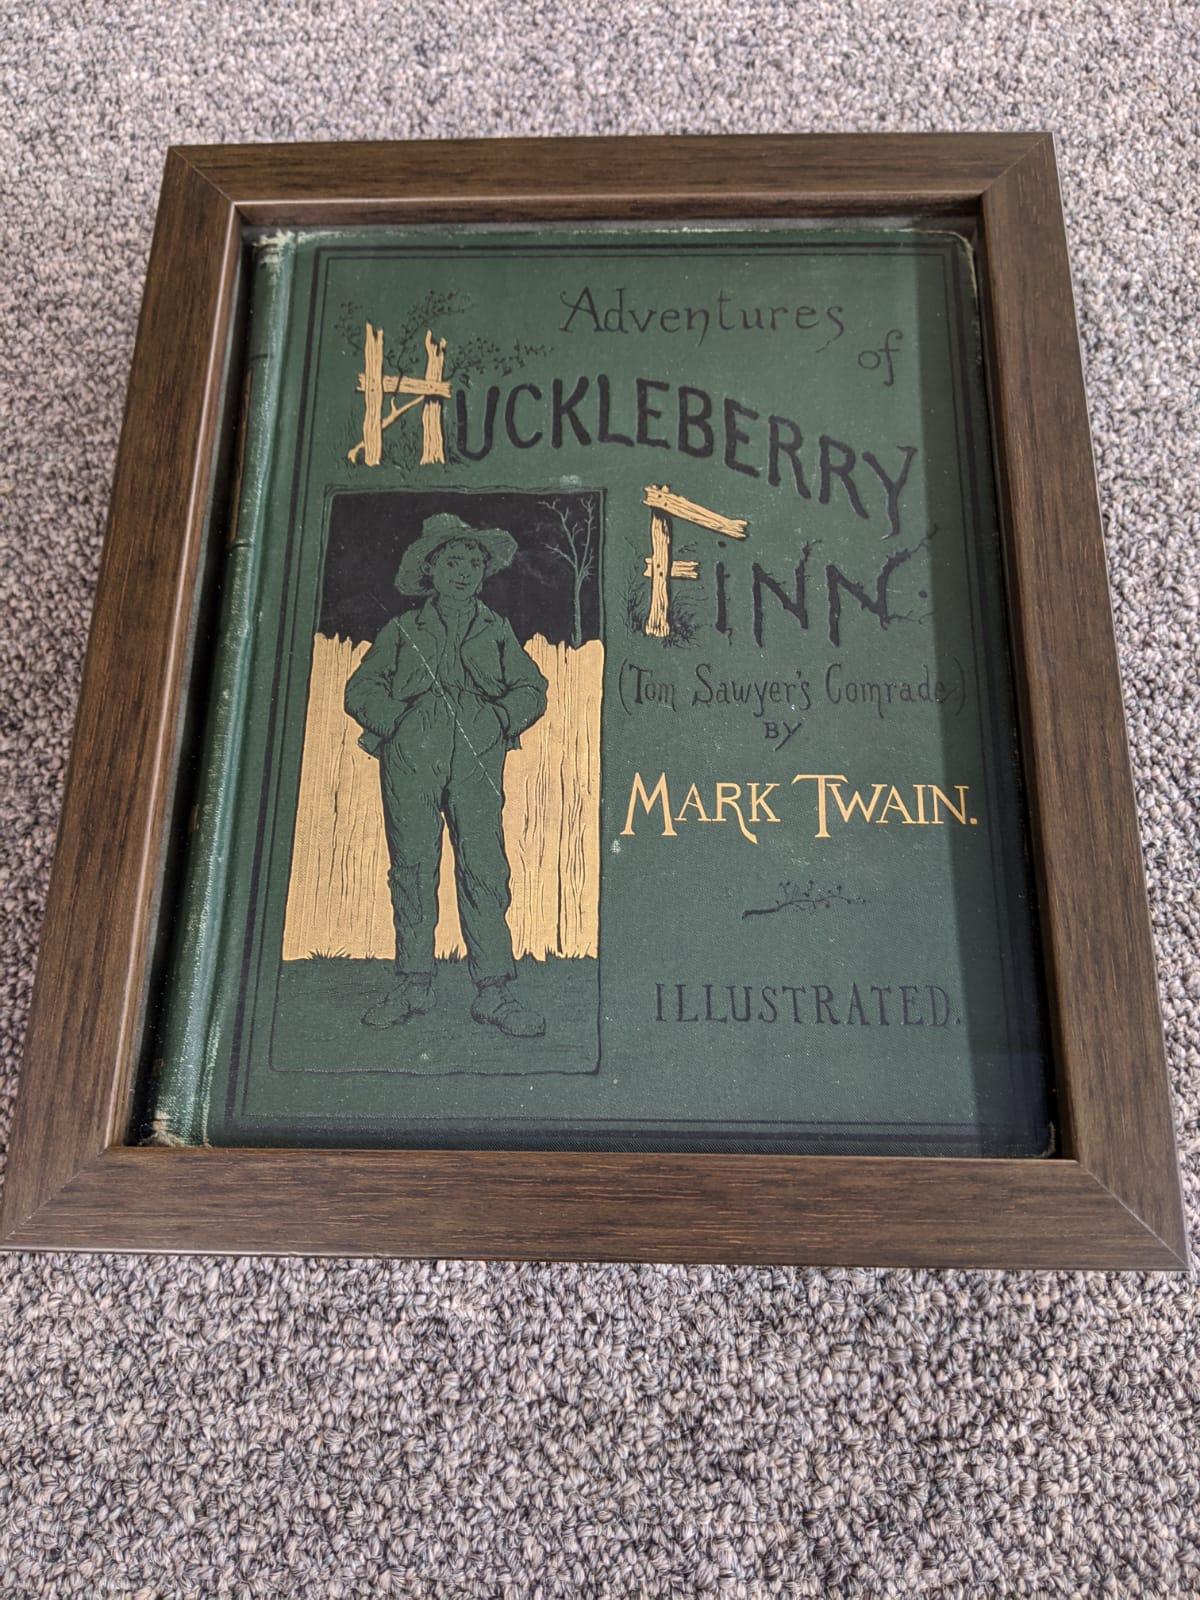 Huckleberry Finn framed